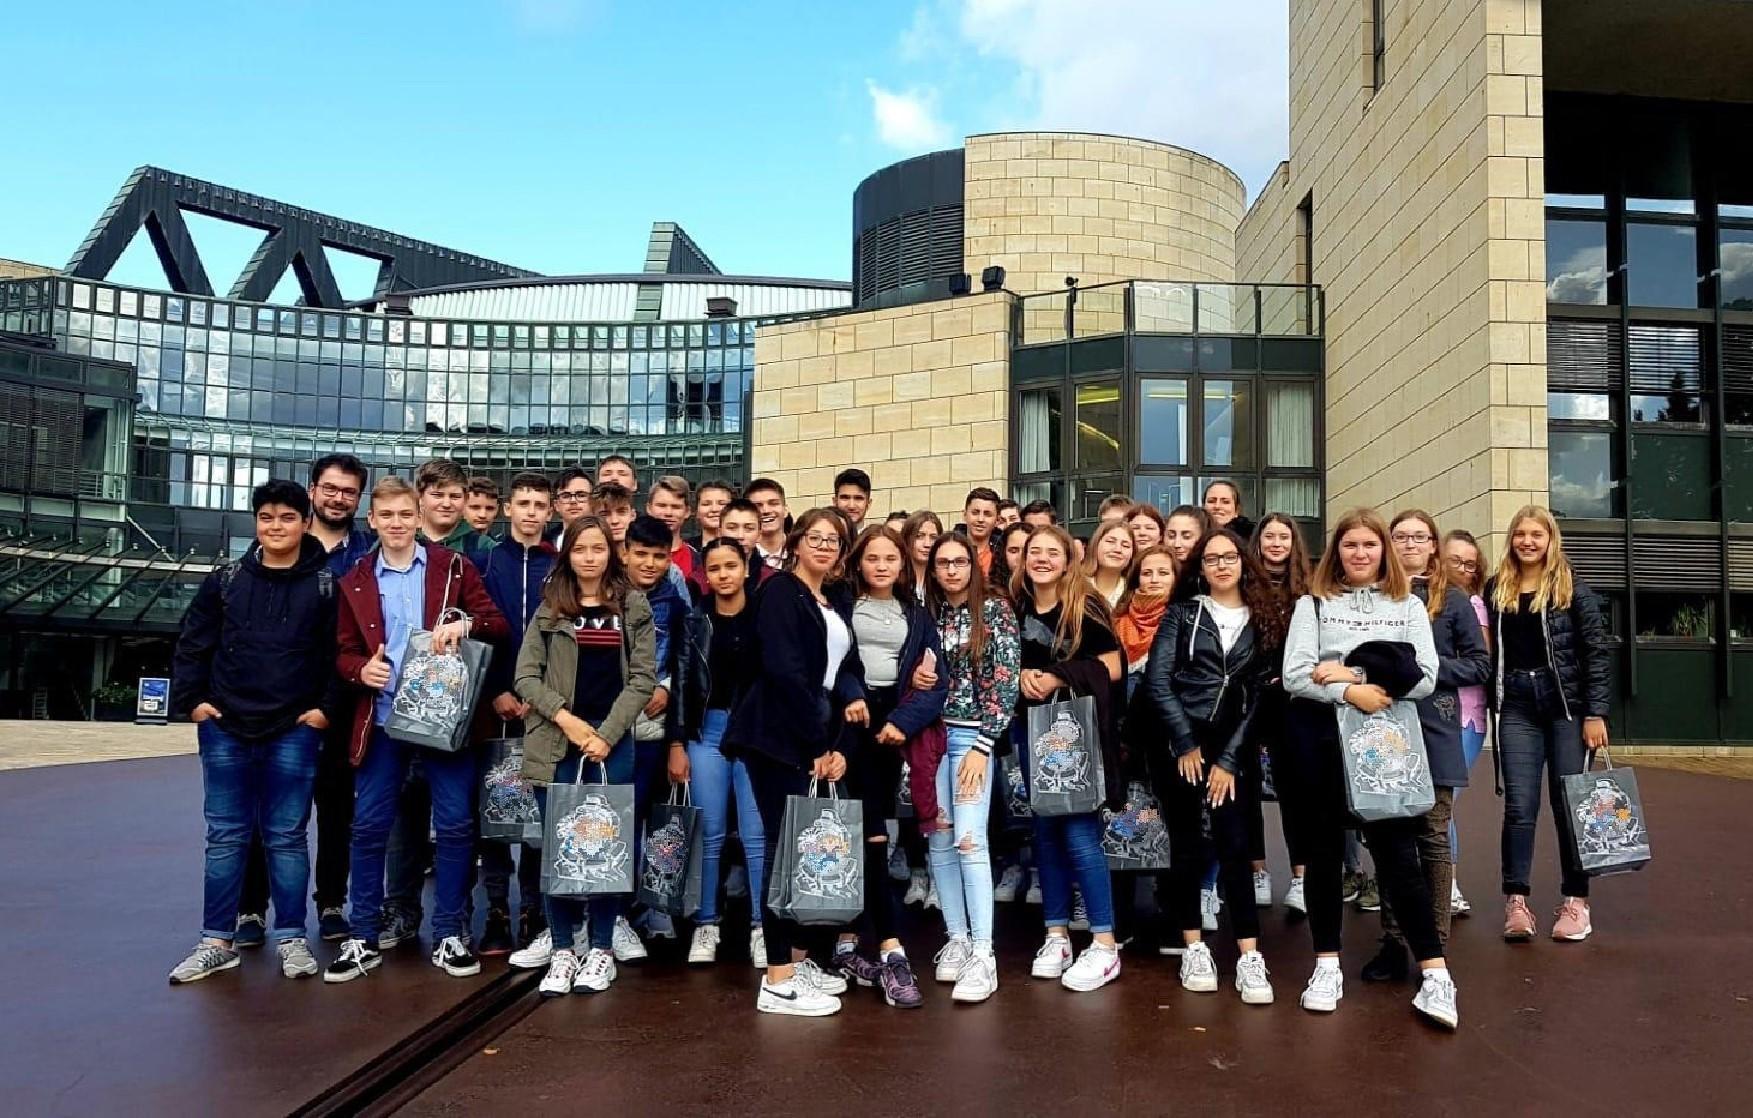 Die Sozialwissenschaftskurse der Jahrgangsstufen 8 und 9 besuchen den Landtag in Düsseldorf und Herrn Nettekoven (MdL).